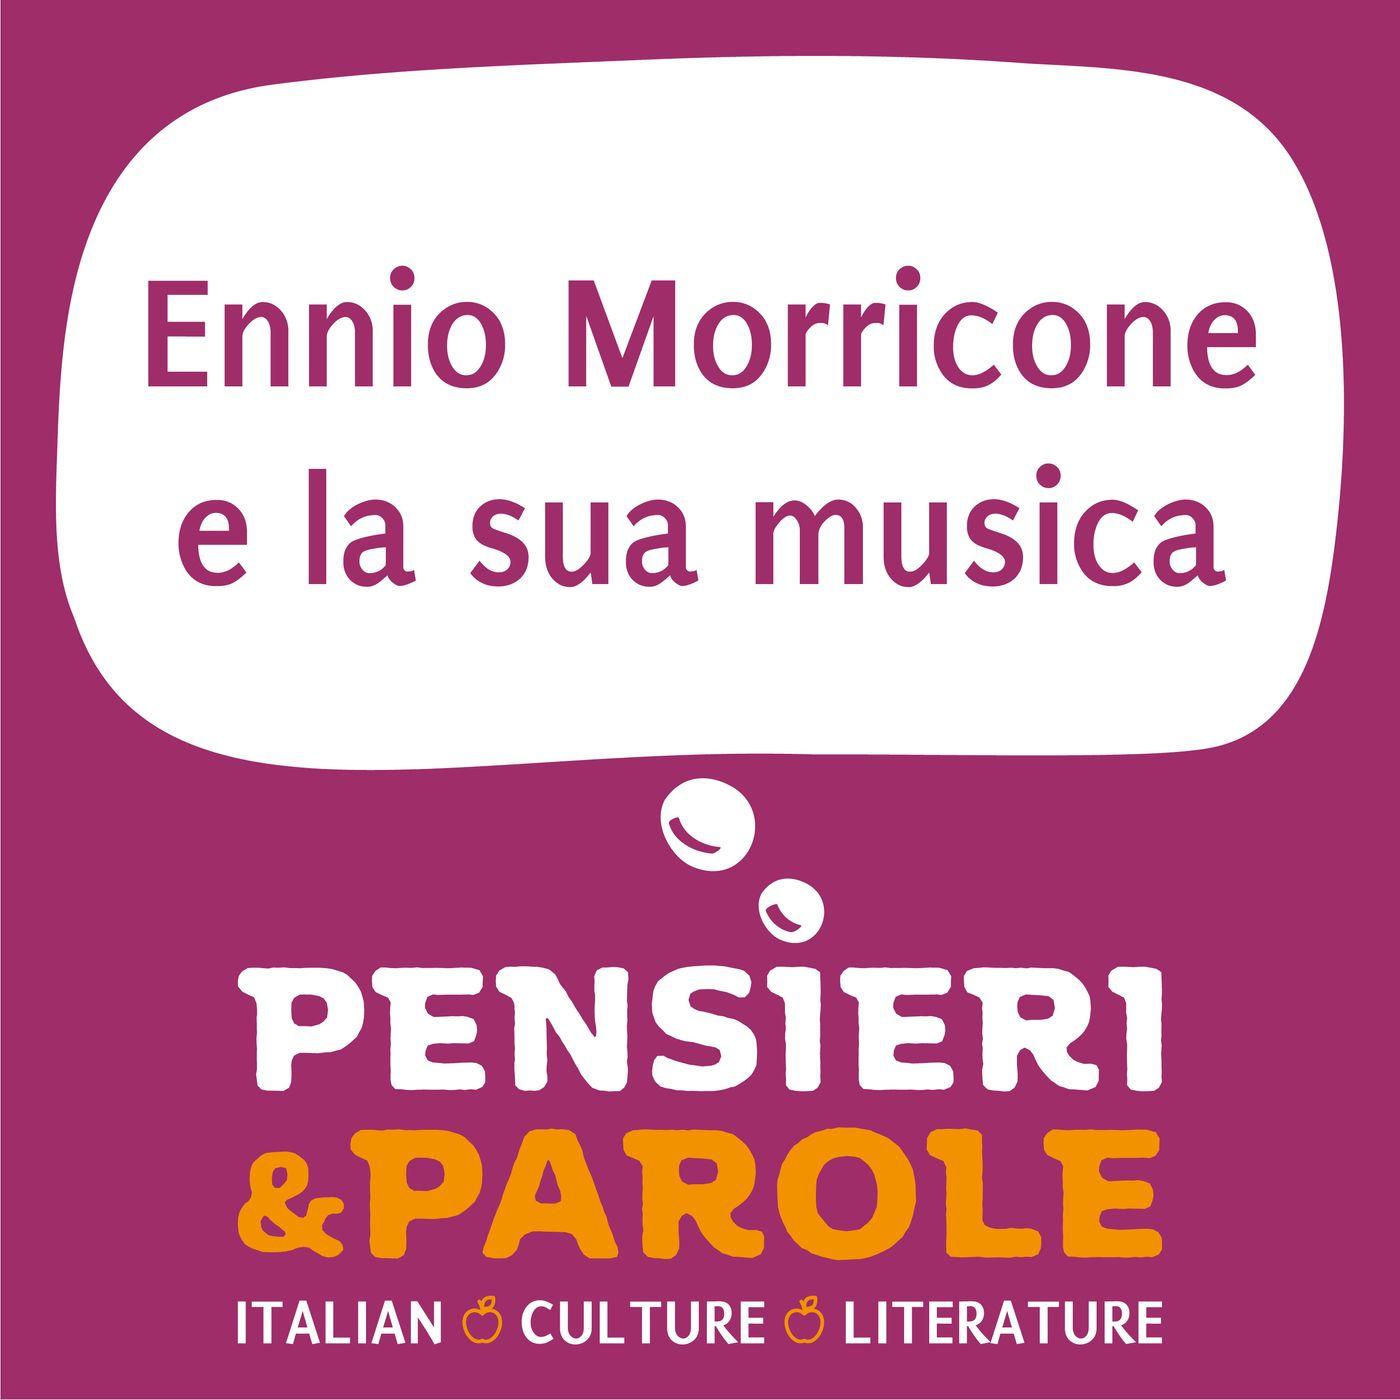 60_Ennio Morricone e la sua musica